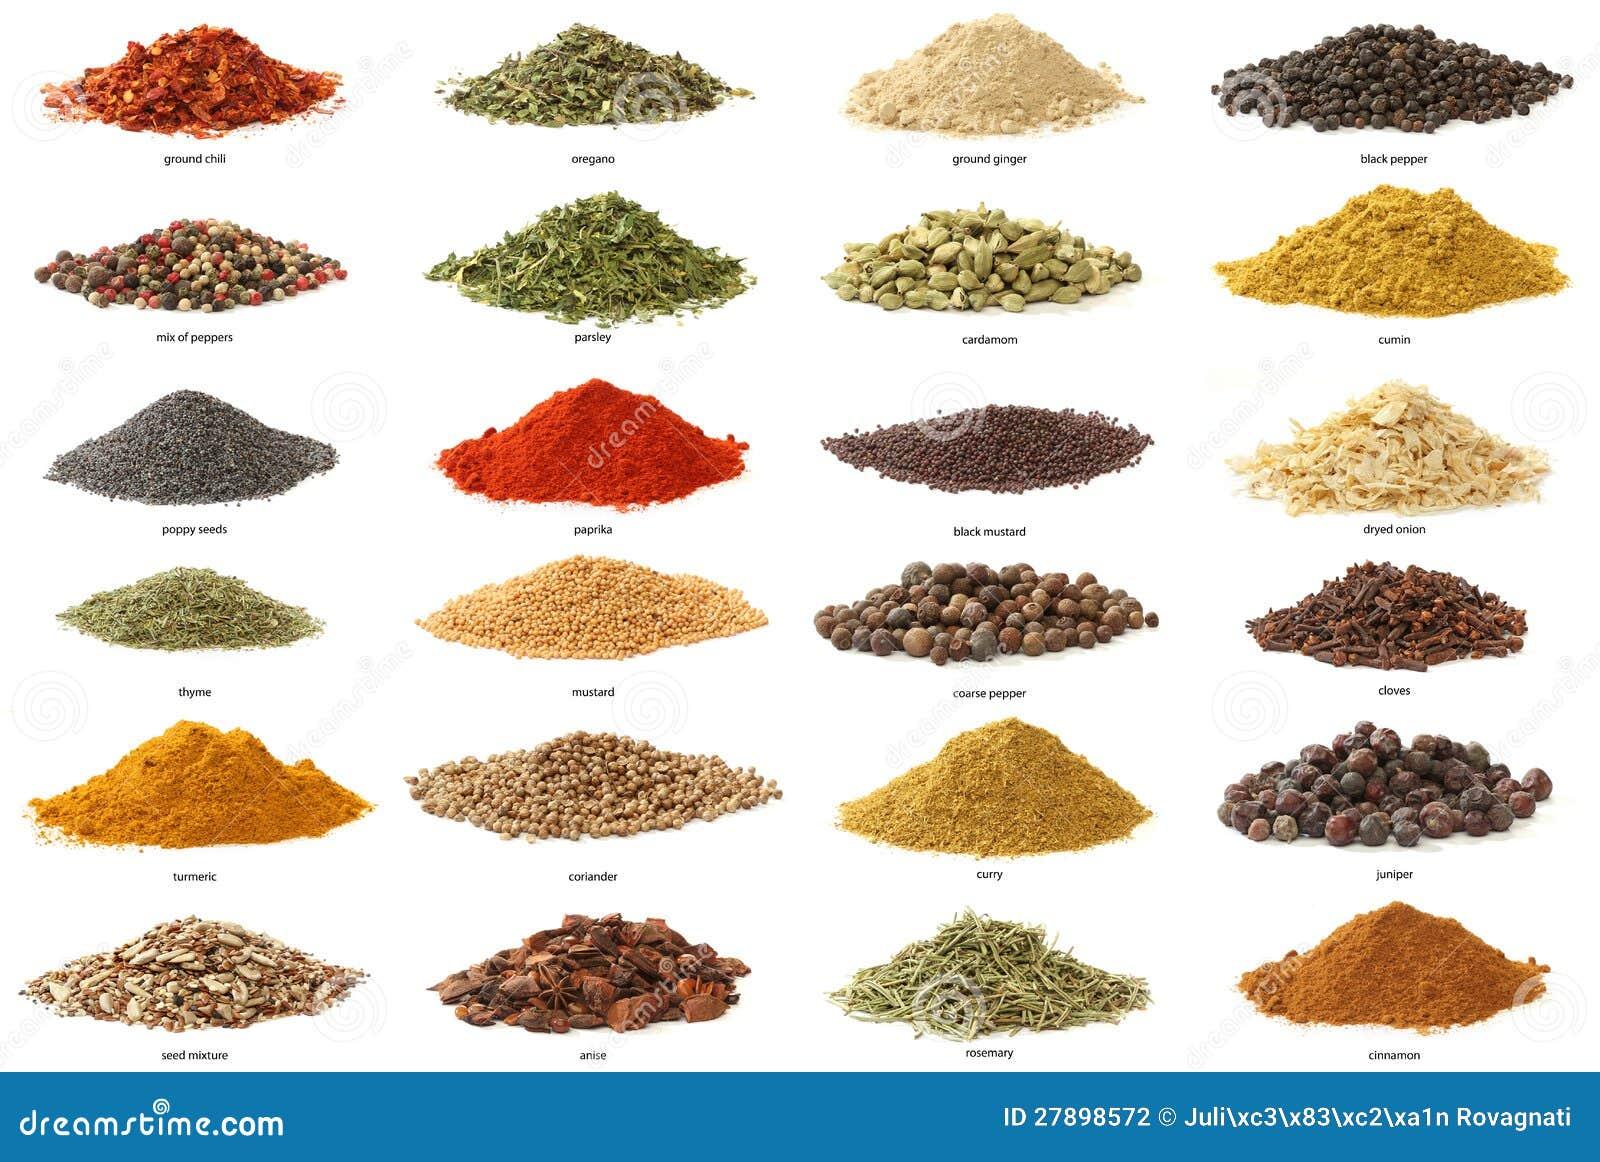 Different herbs royalty free stock image image 16265346 - Verschiedene Gew Rze Getrennt Auf Wei Em Hintergrund Stockfotografie